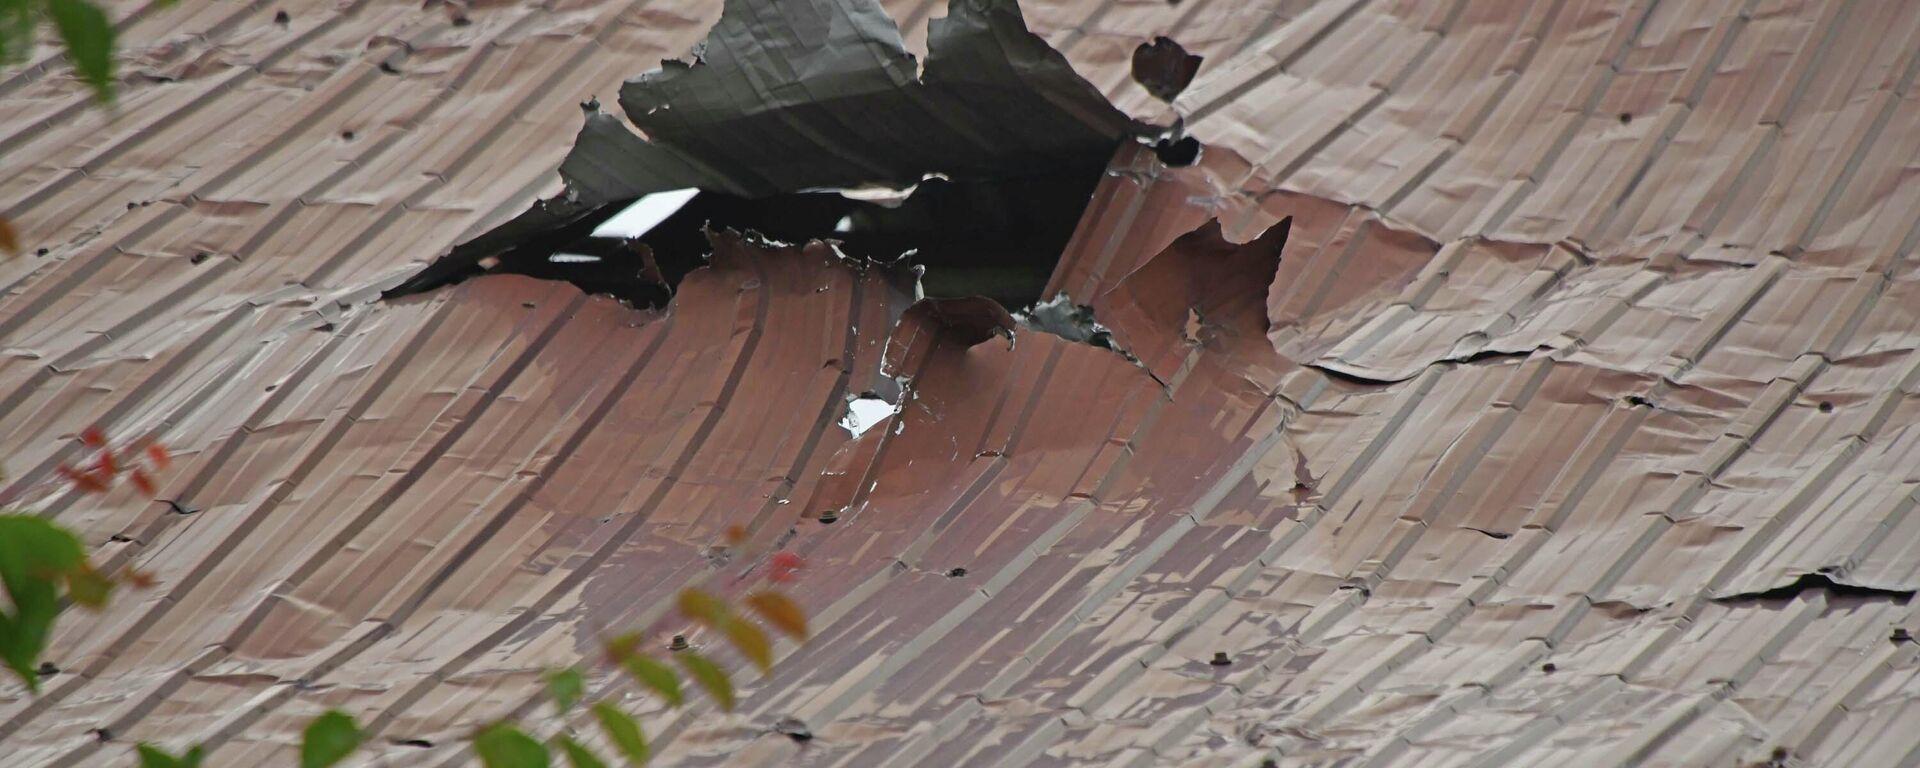 Разрушенные дома после столкновений между таджиками и кыргызами  - Sputnik Таджикистан, 1920, 18.06.2021